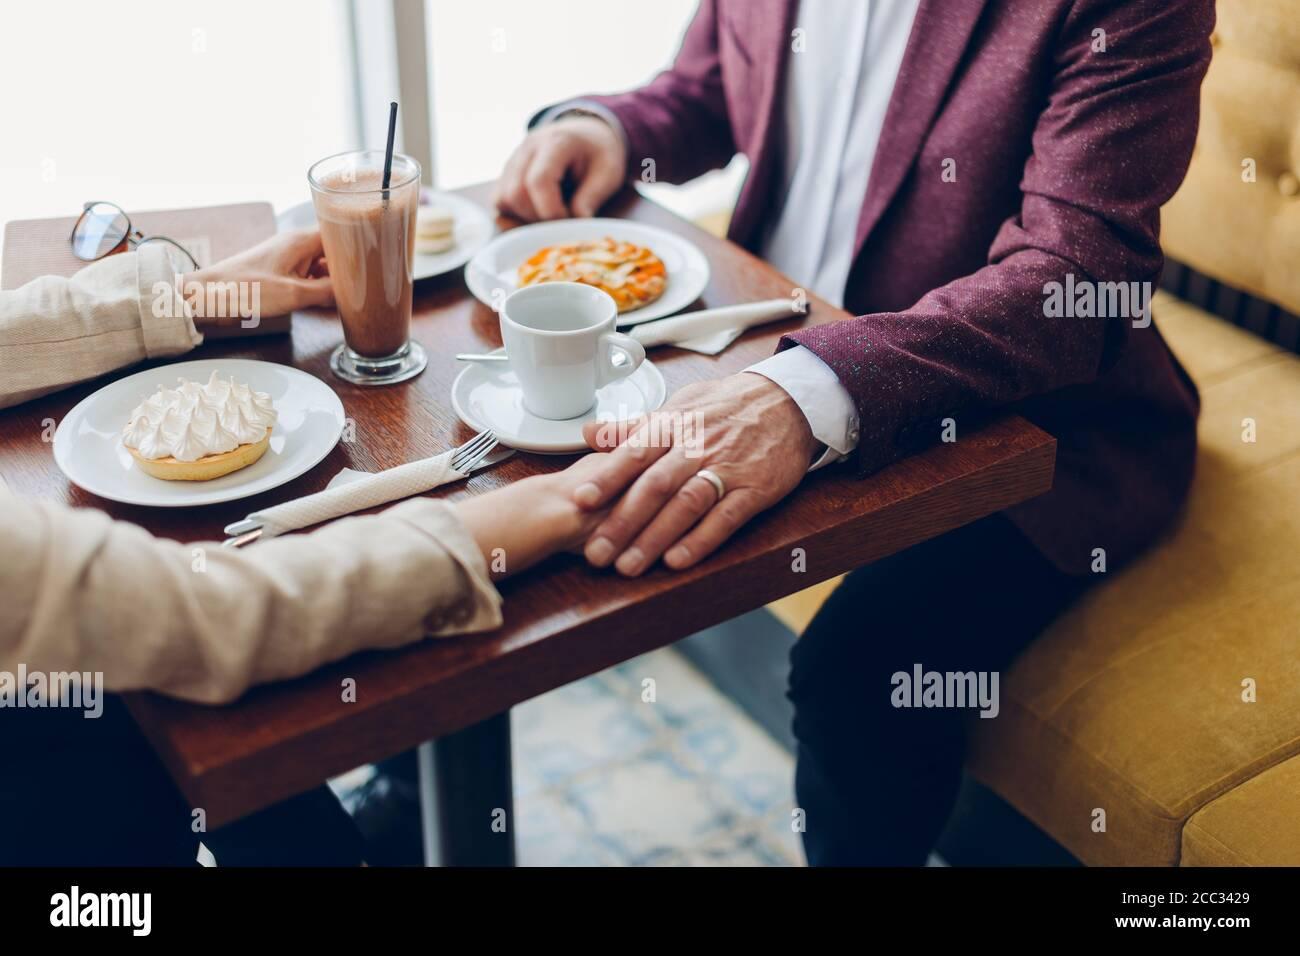 viejo sosteniendo la mano de su esposa mientras estaba sentado en el café. hombre apoyando a su mujer en situación difícil, pareja superando los problemas familiares Foto de stock